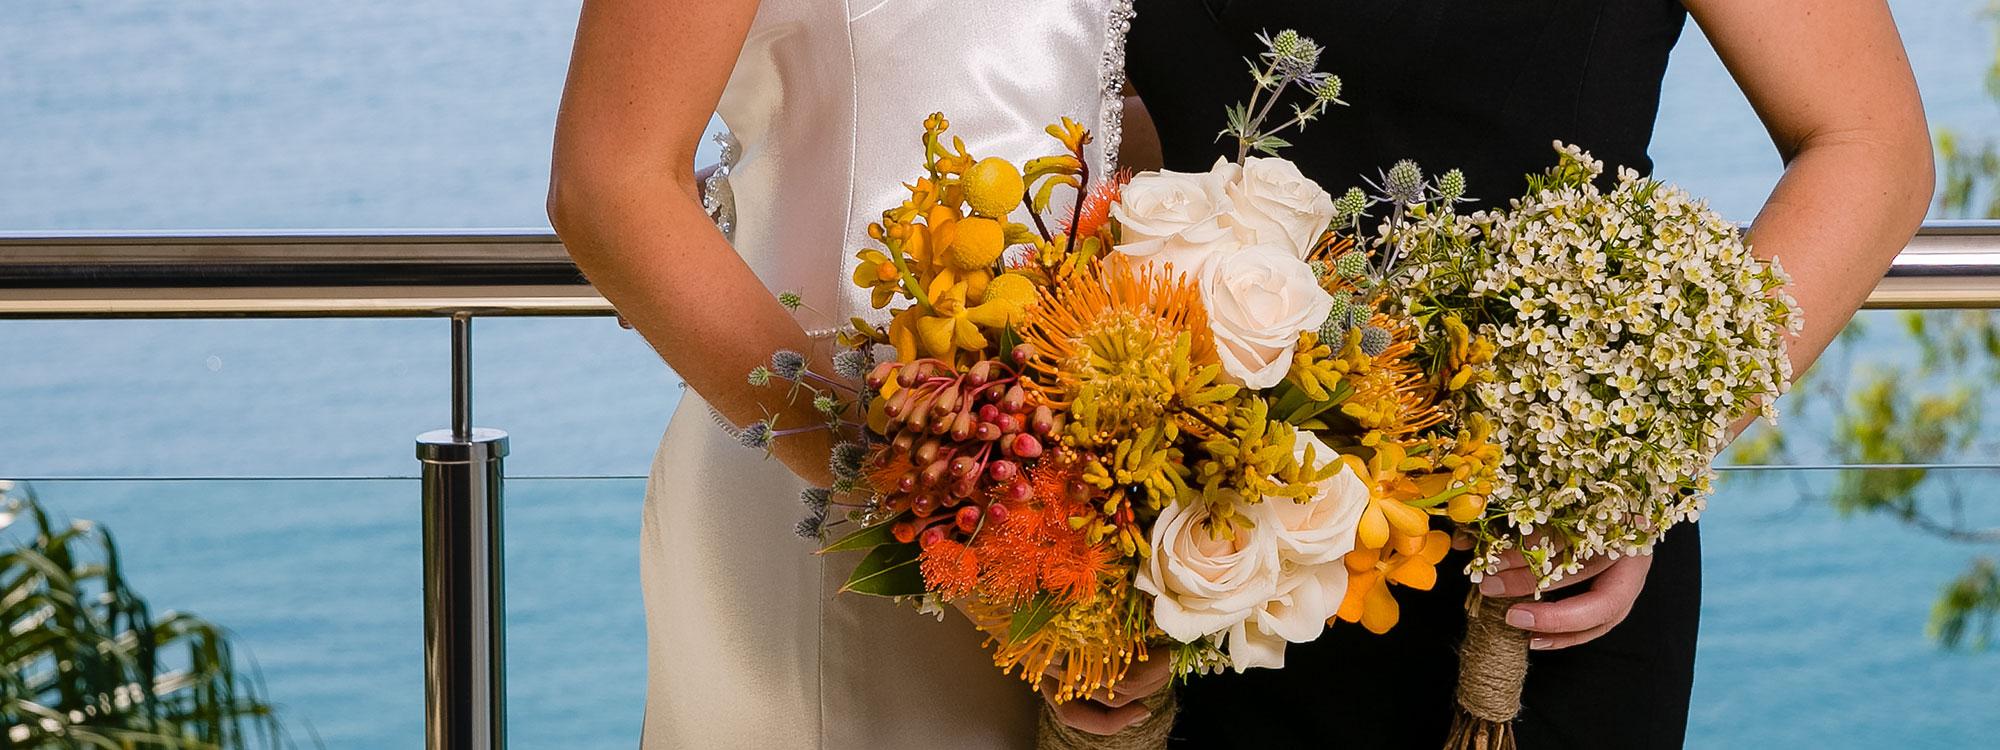 1312060102-ally-erin-flowers-banner-2000